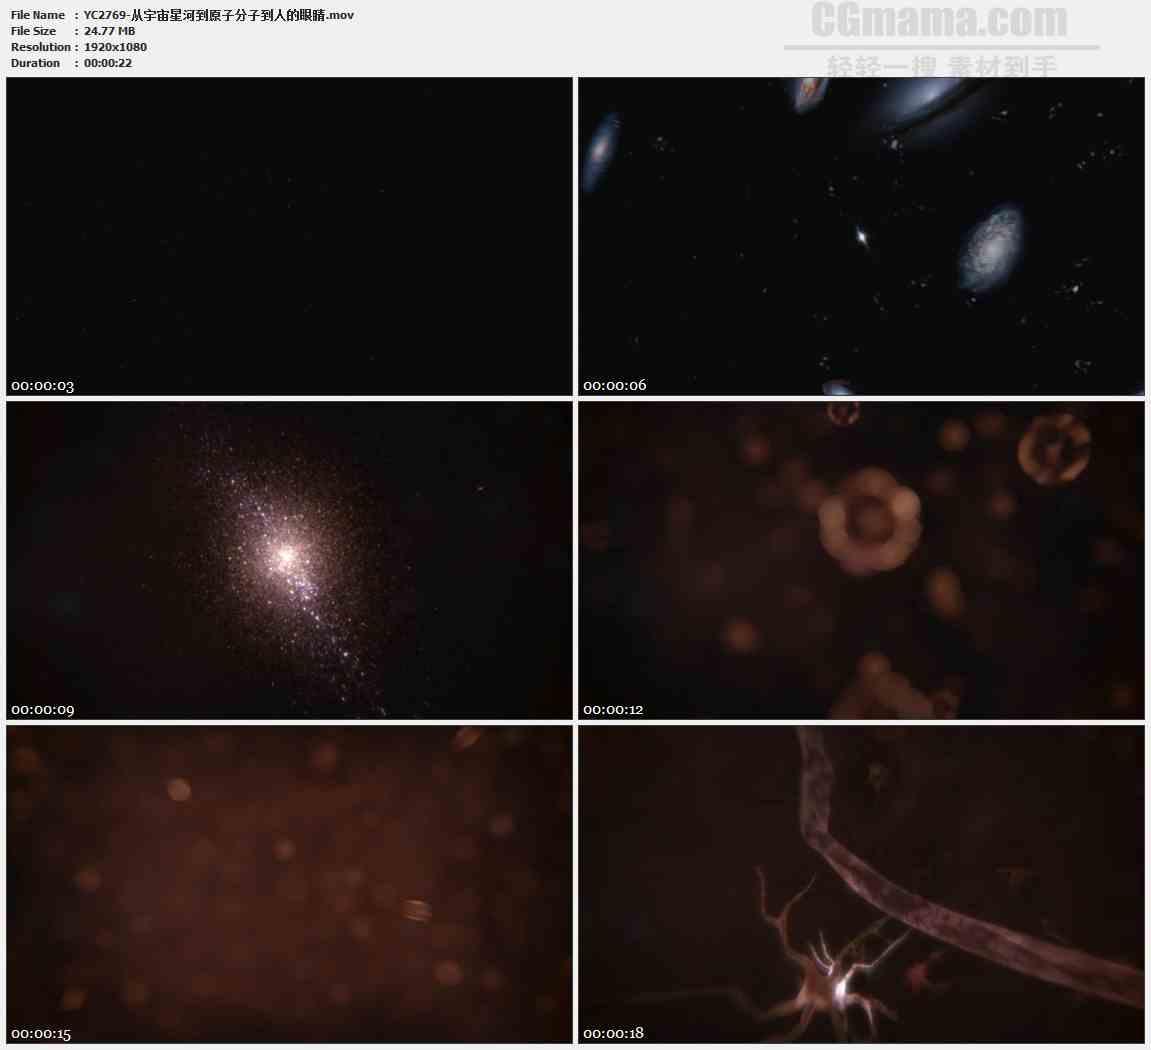 YC2769-从宇宙星河到原子分子到人的眼睛高清实拍视频素材